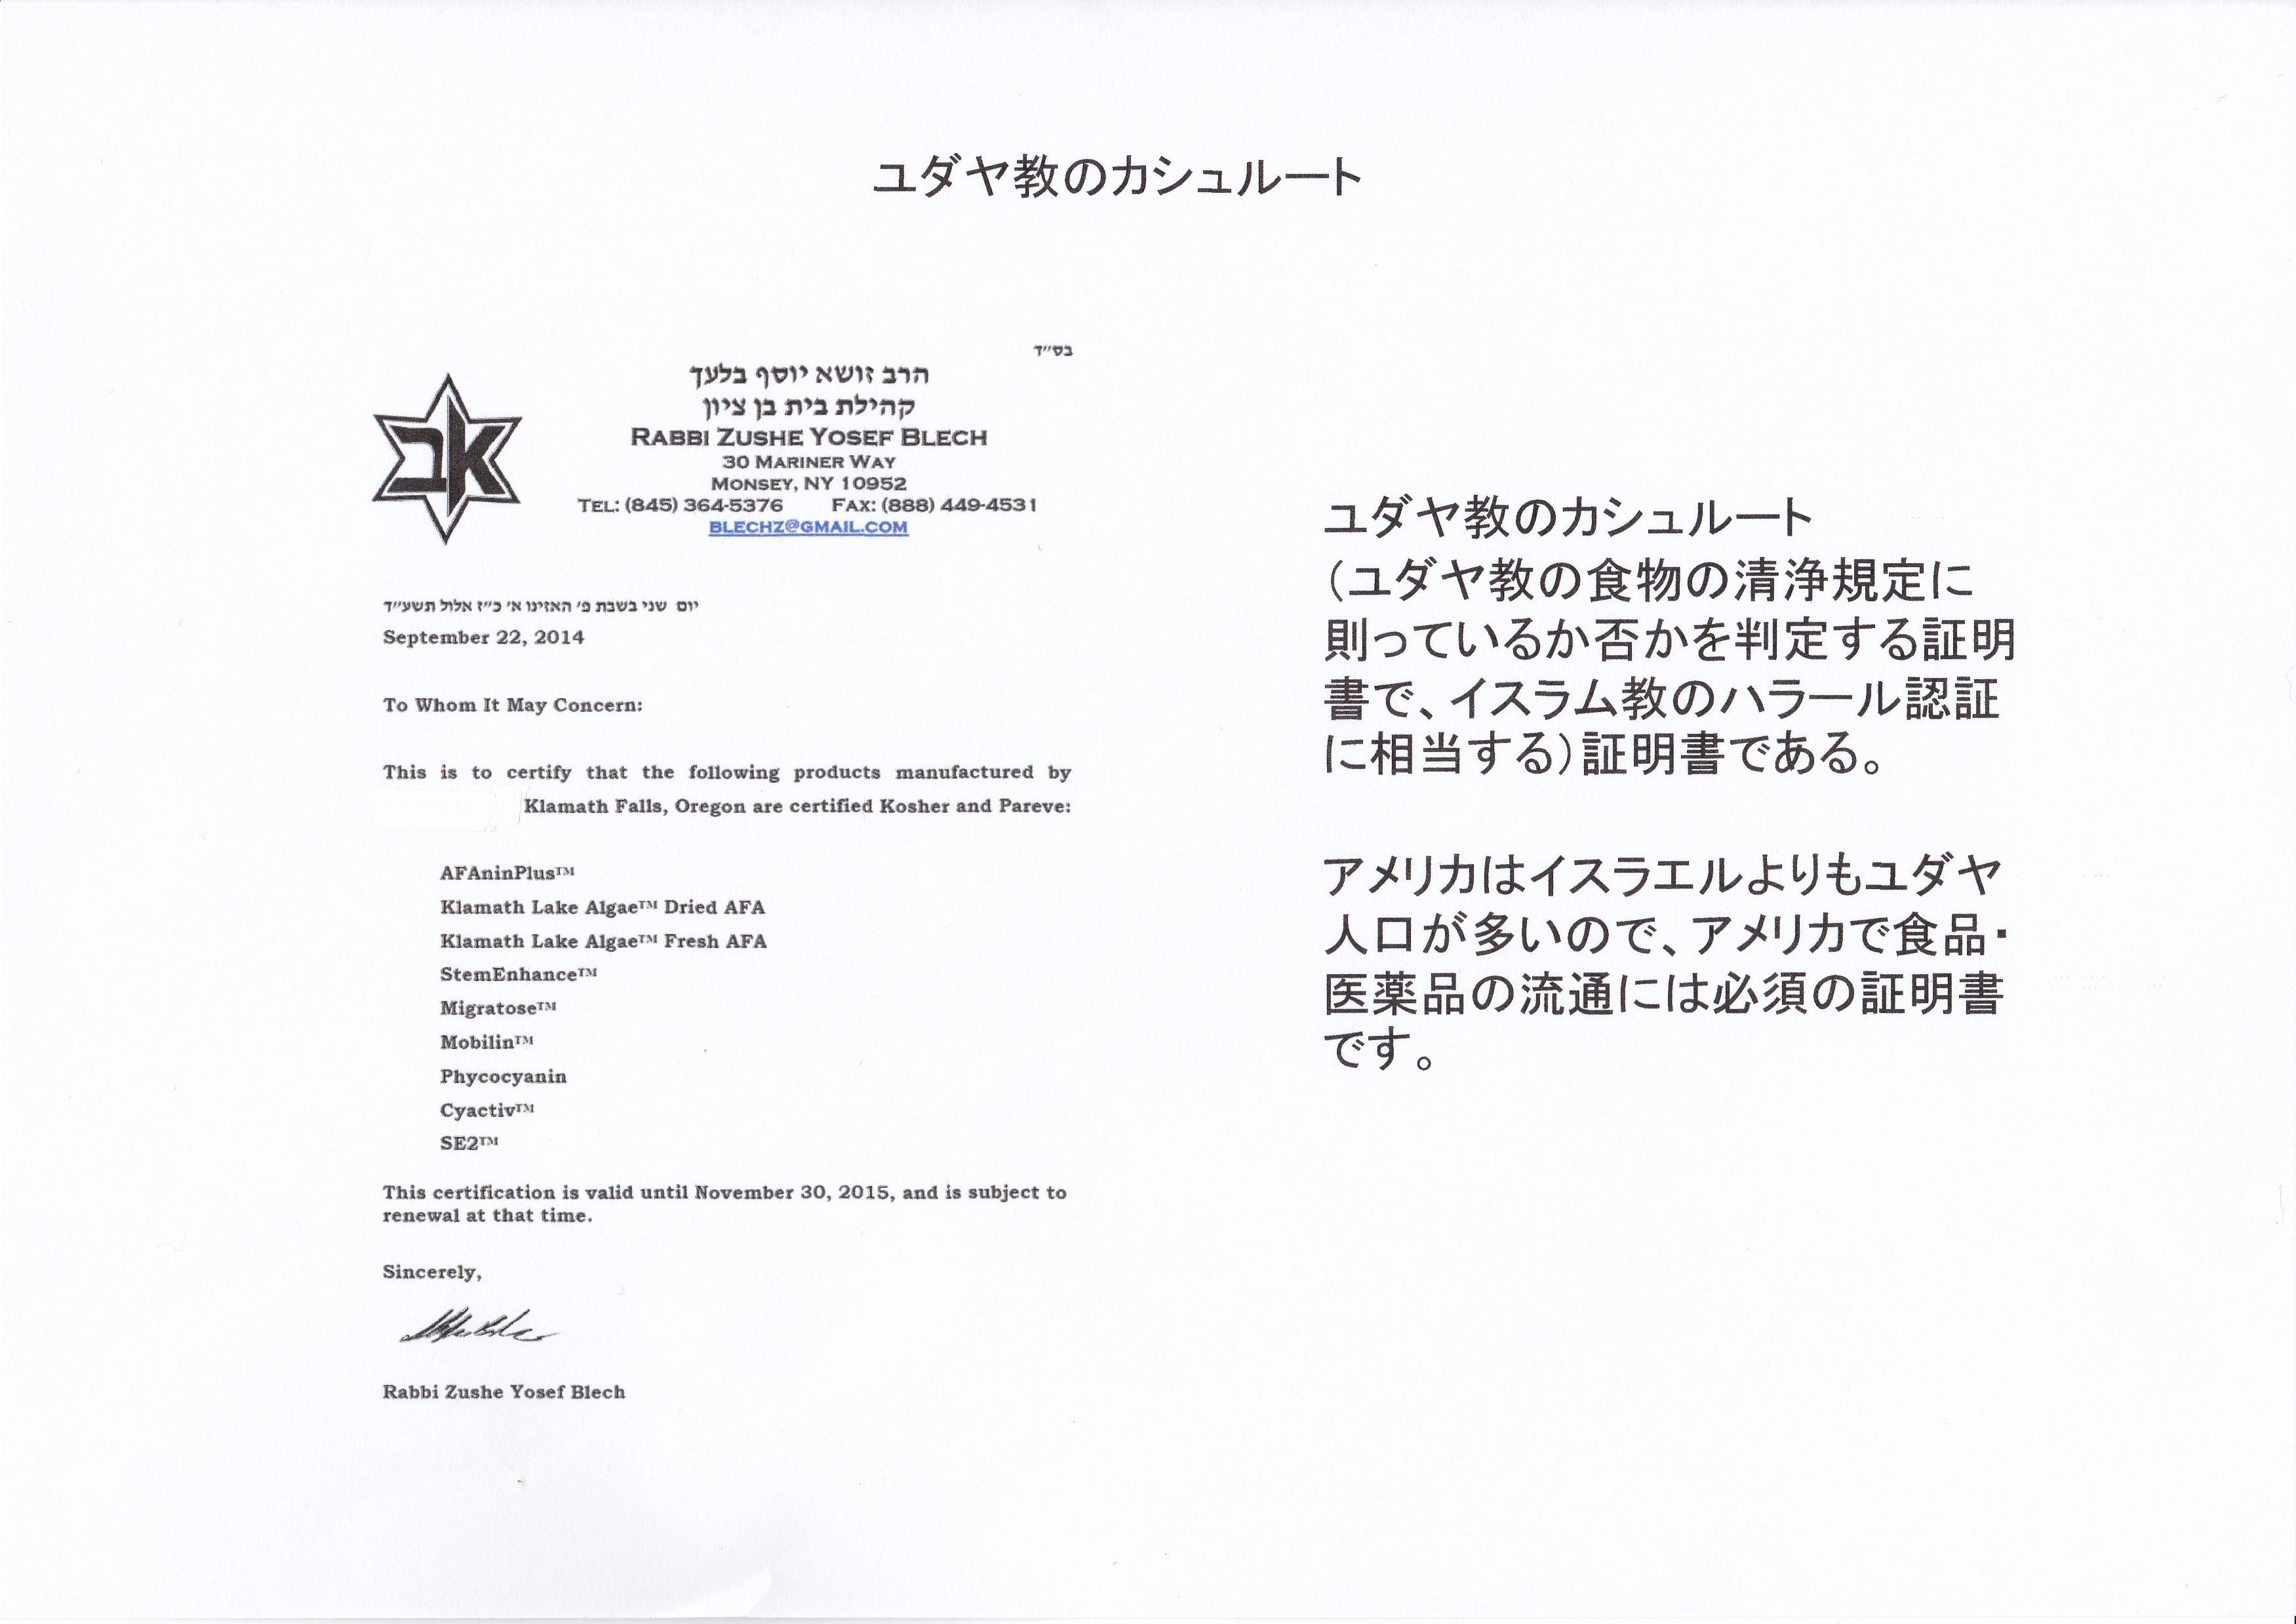 〈ユダヤ教〉完全有機安全食品認定書〈Kosher and Pareve 認証証明書〉